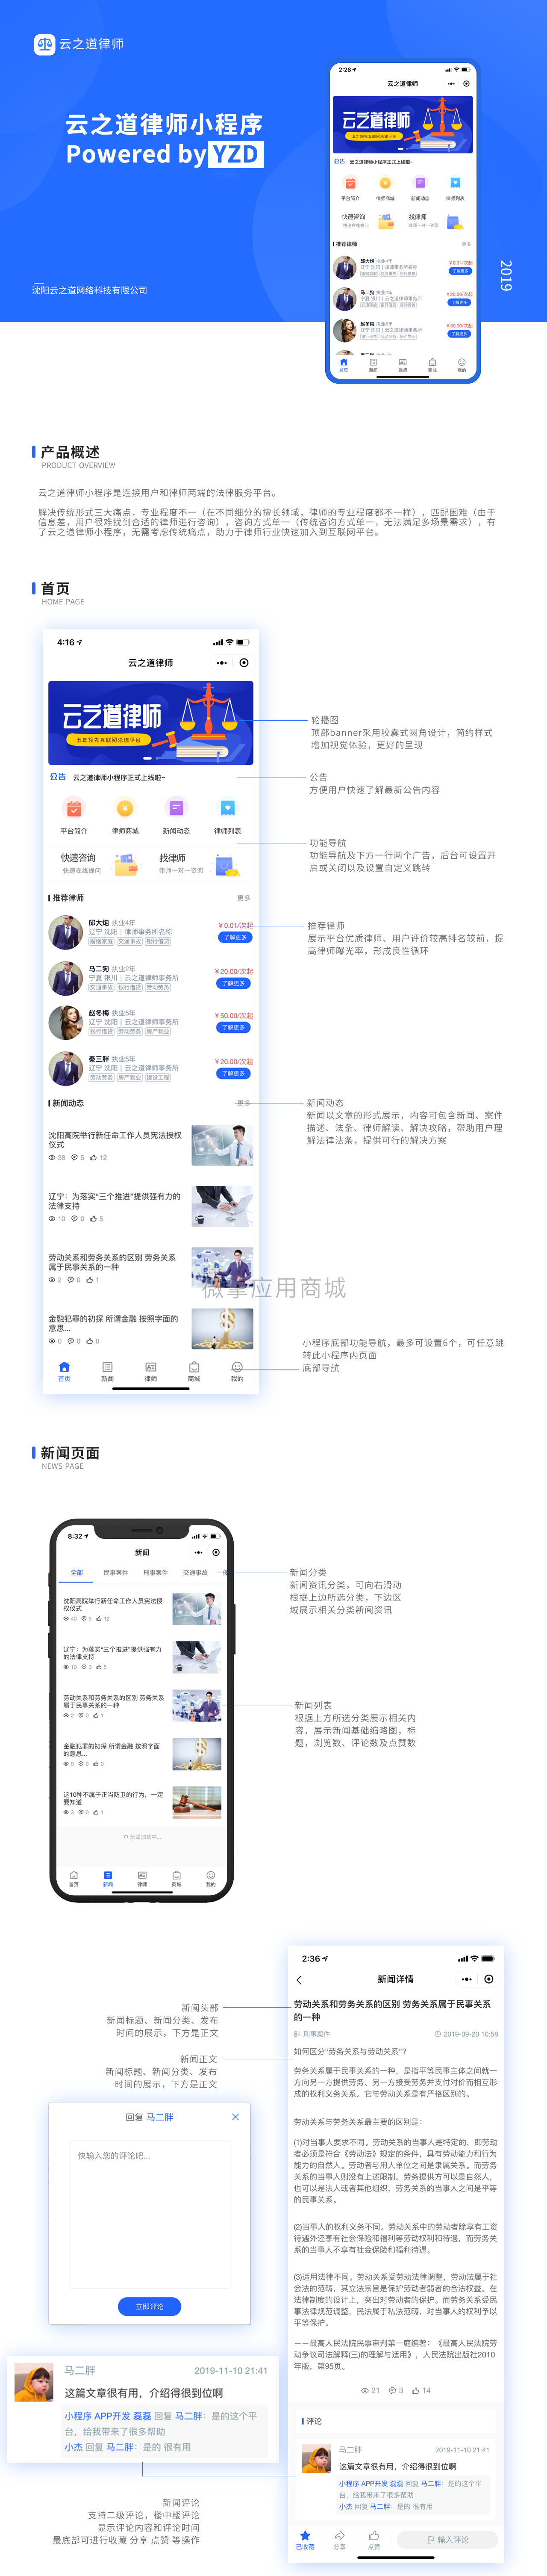 wq模块云之道律师小程序V1.2.8+前端-渔枫源码分享网